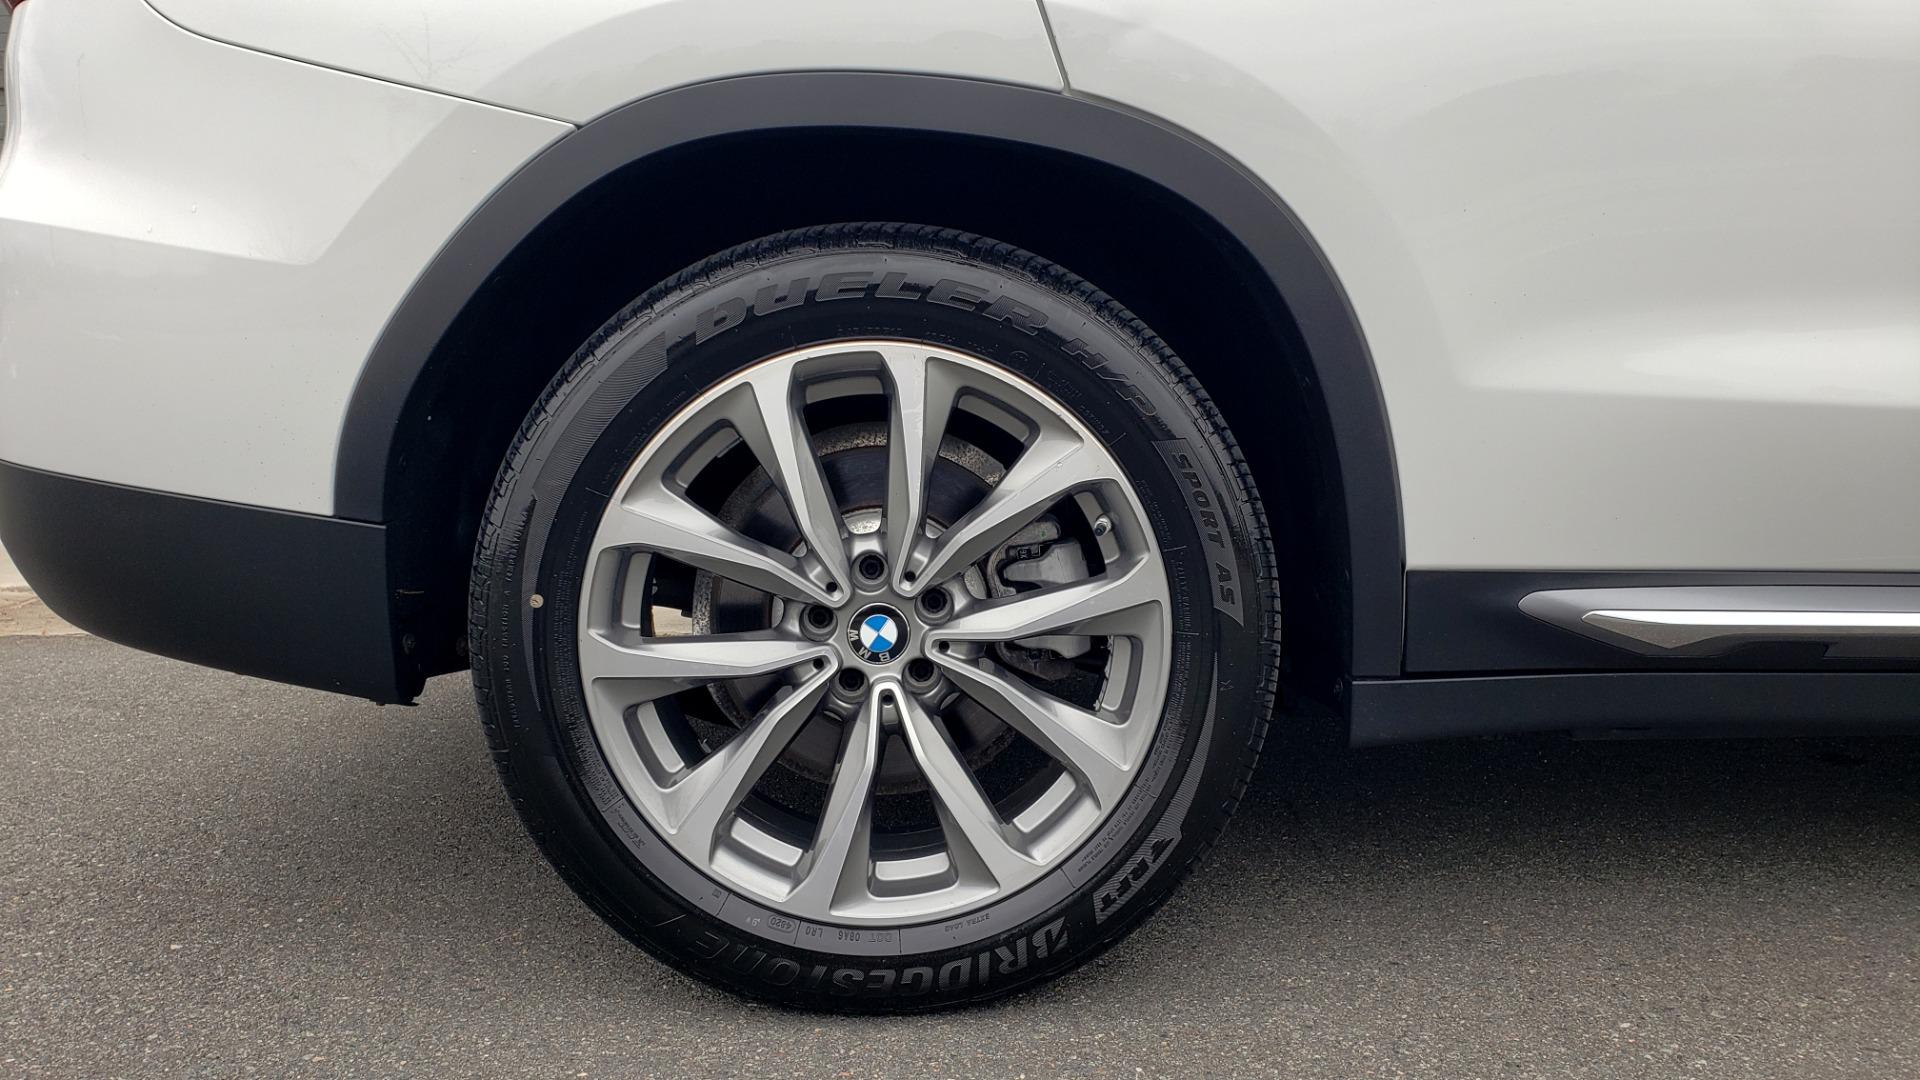 Used 2018 BMW X3 XDRIVE30I / LUX PKG / PREM PKG / CONV PKG / PDC / APPLE CARPLAY for sale Sold at Formula Imports in Charlotte NC 28227 89